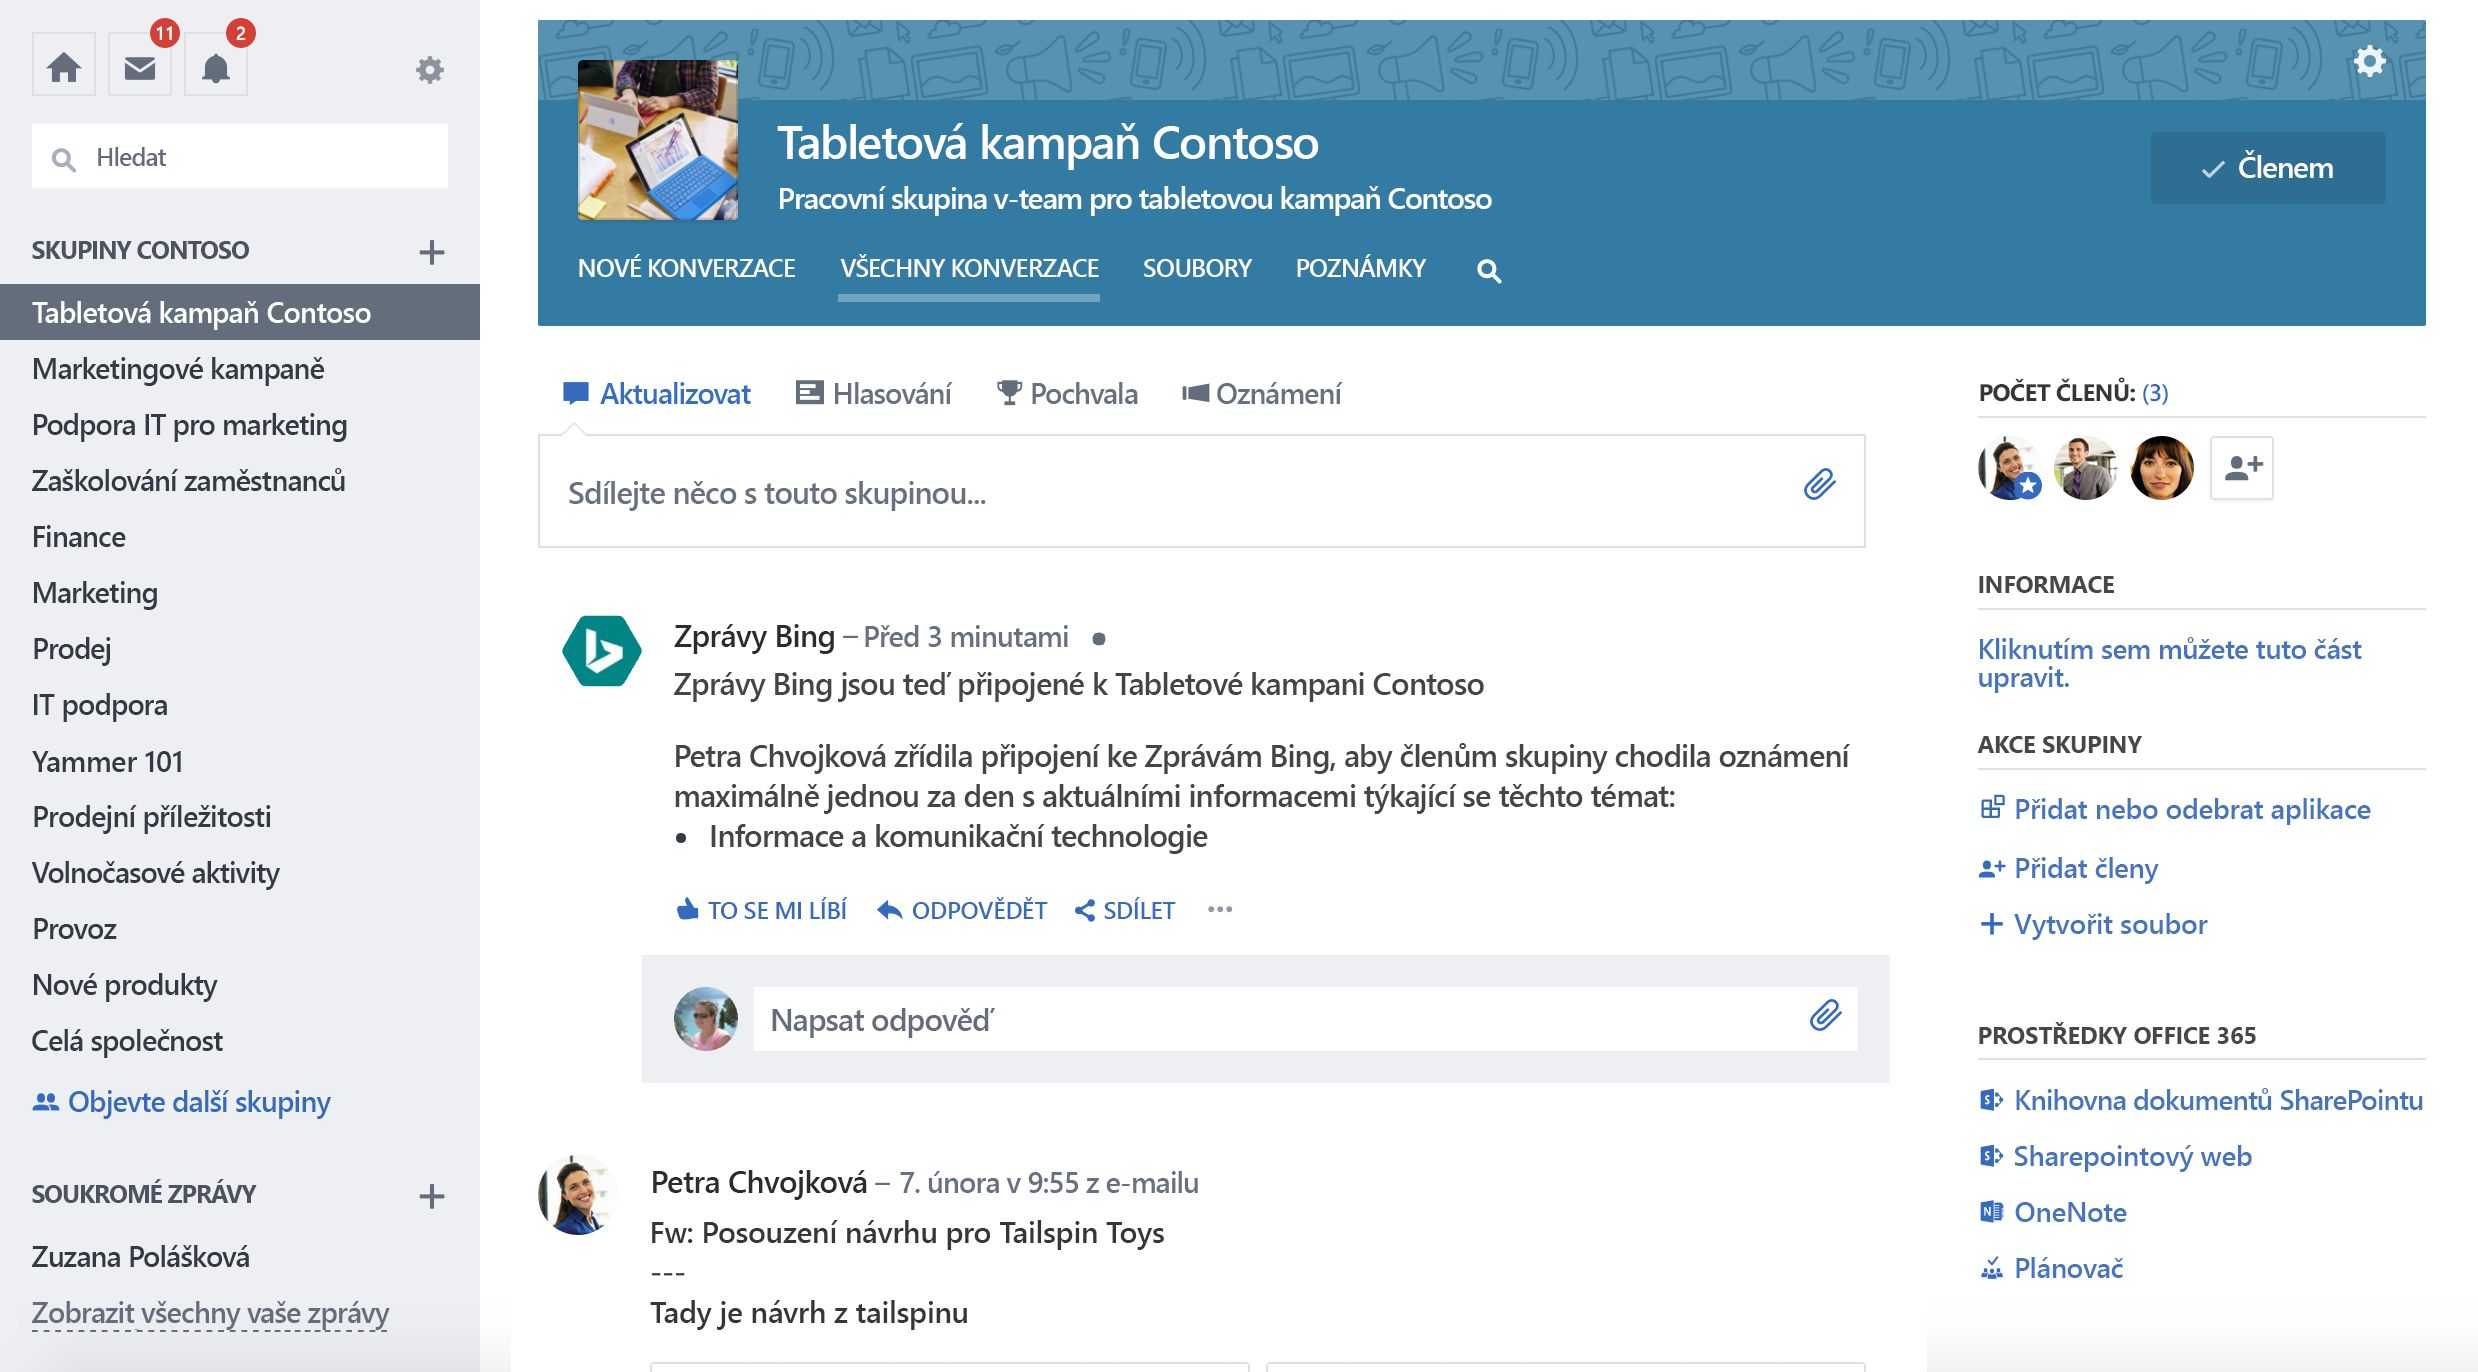 Snímek obrazovky s Office 365 připojené skupinu Yammeru s nové připojení